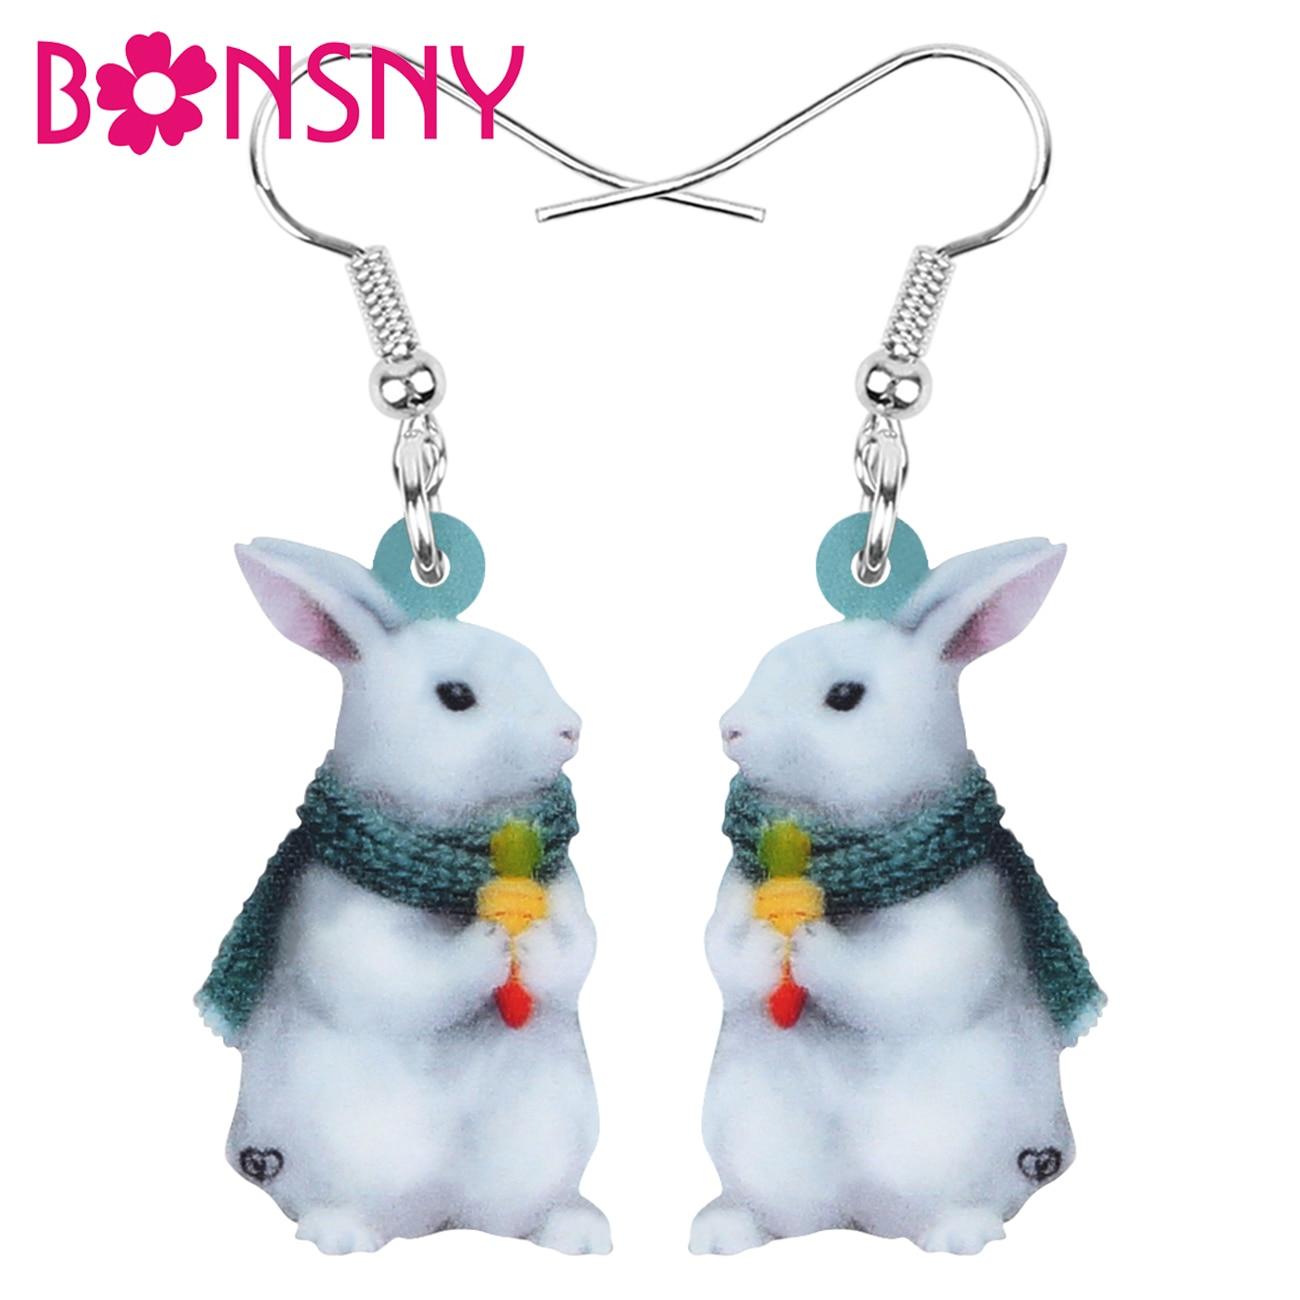 ARWA acrílico blanco conejo mascota pendientes encantador colgante de animal gota joyería para mujeres chica accesorio de regalo novedad